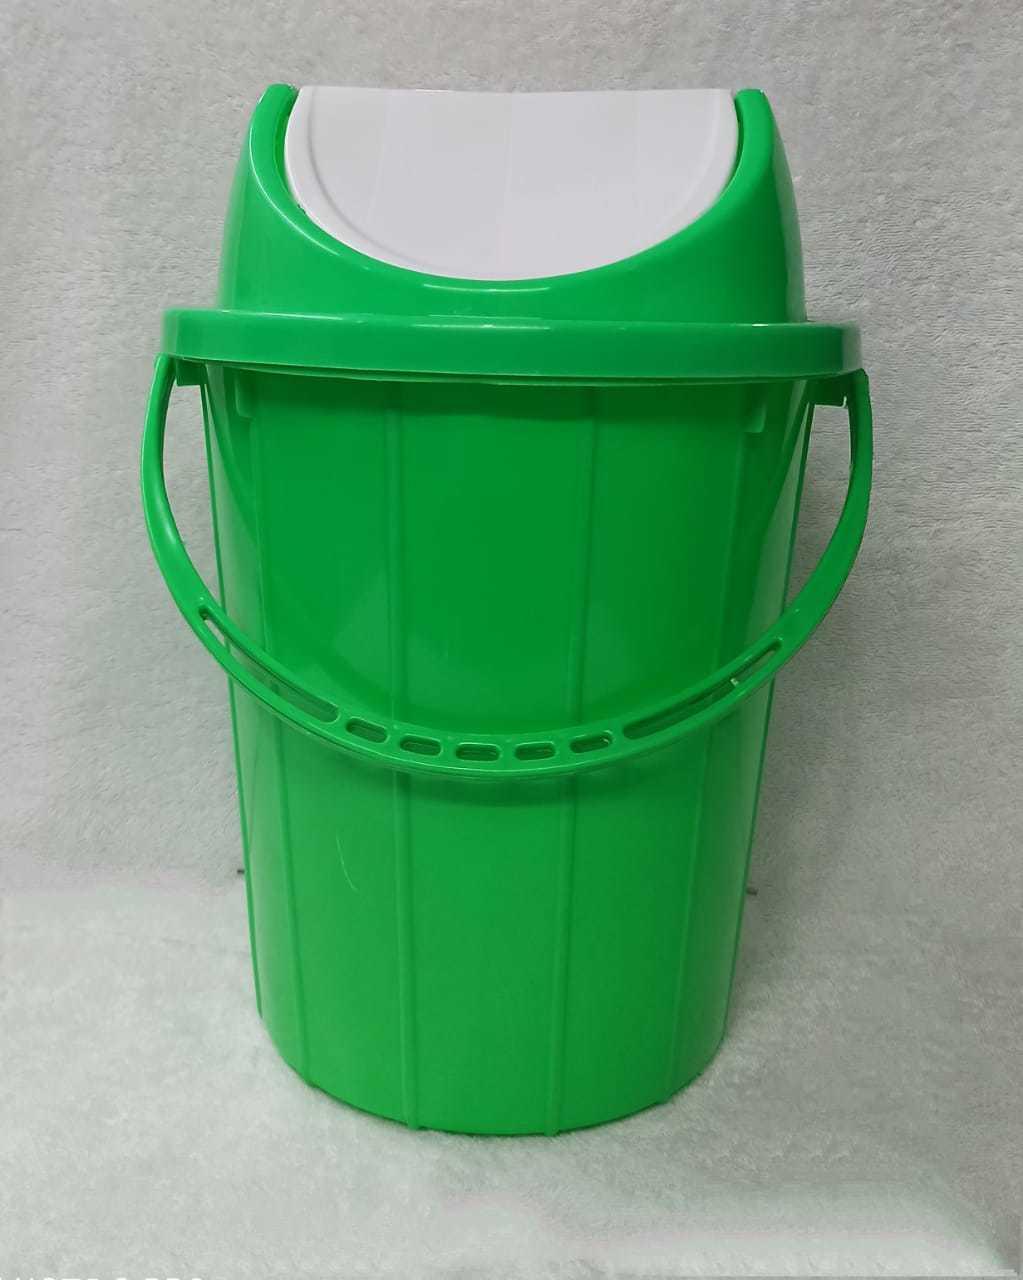 Small Plastic Dustbin